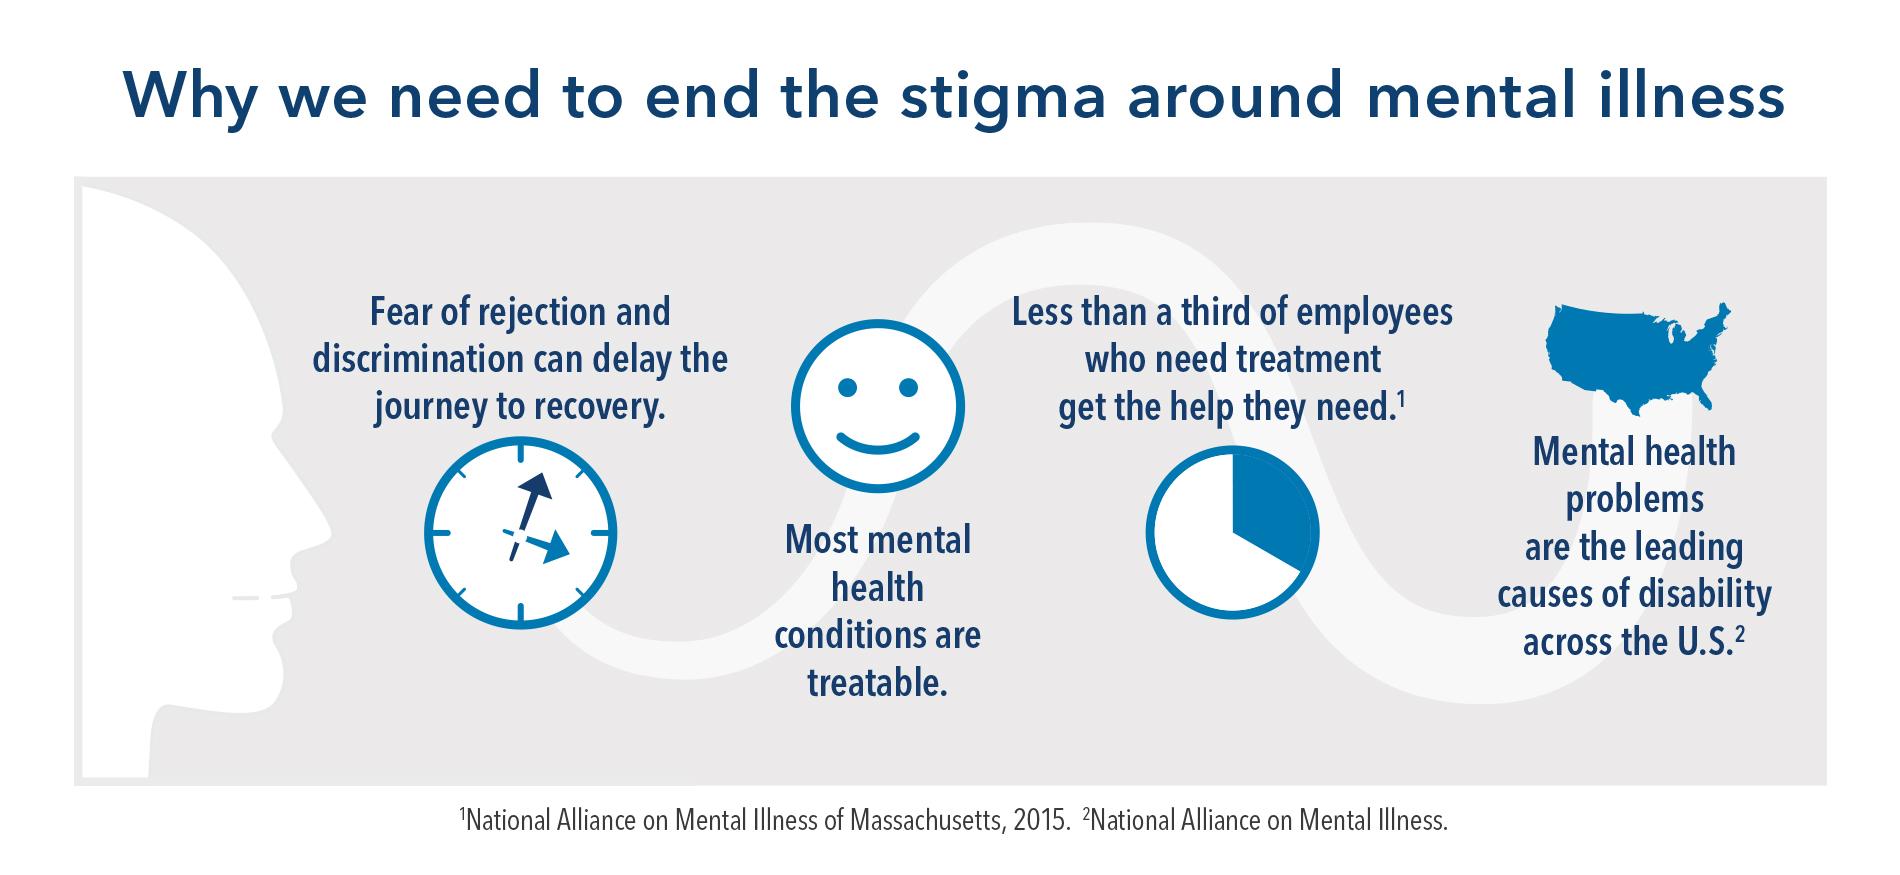 Kaiser-Permanente-Why-We-Need-to-End-the-Stigma-Around-Mental-Illness